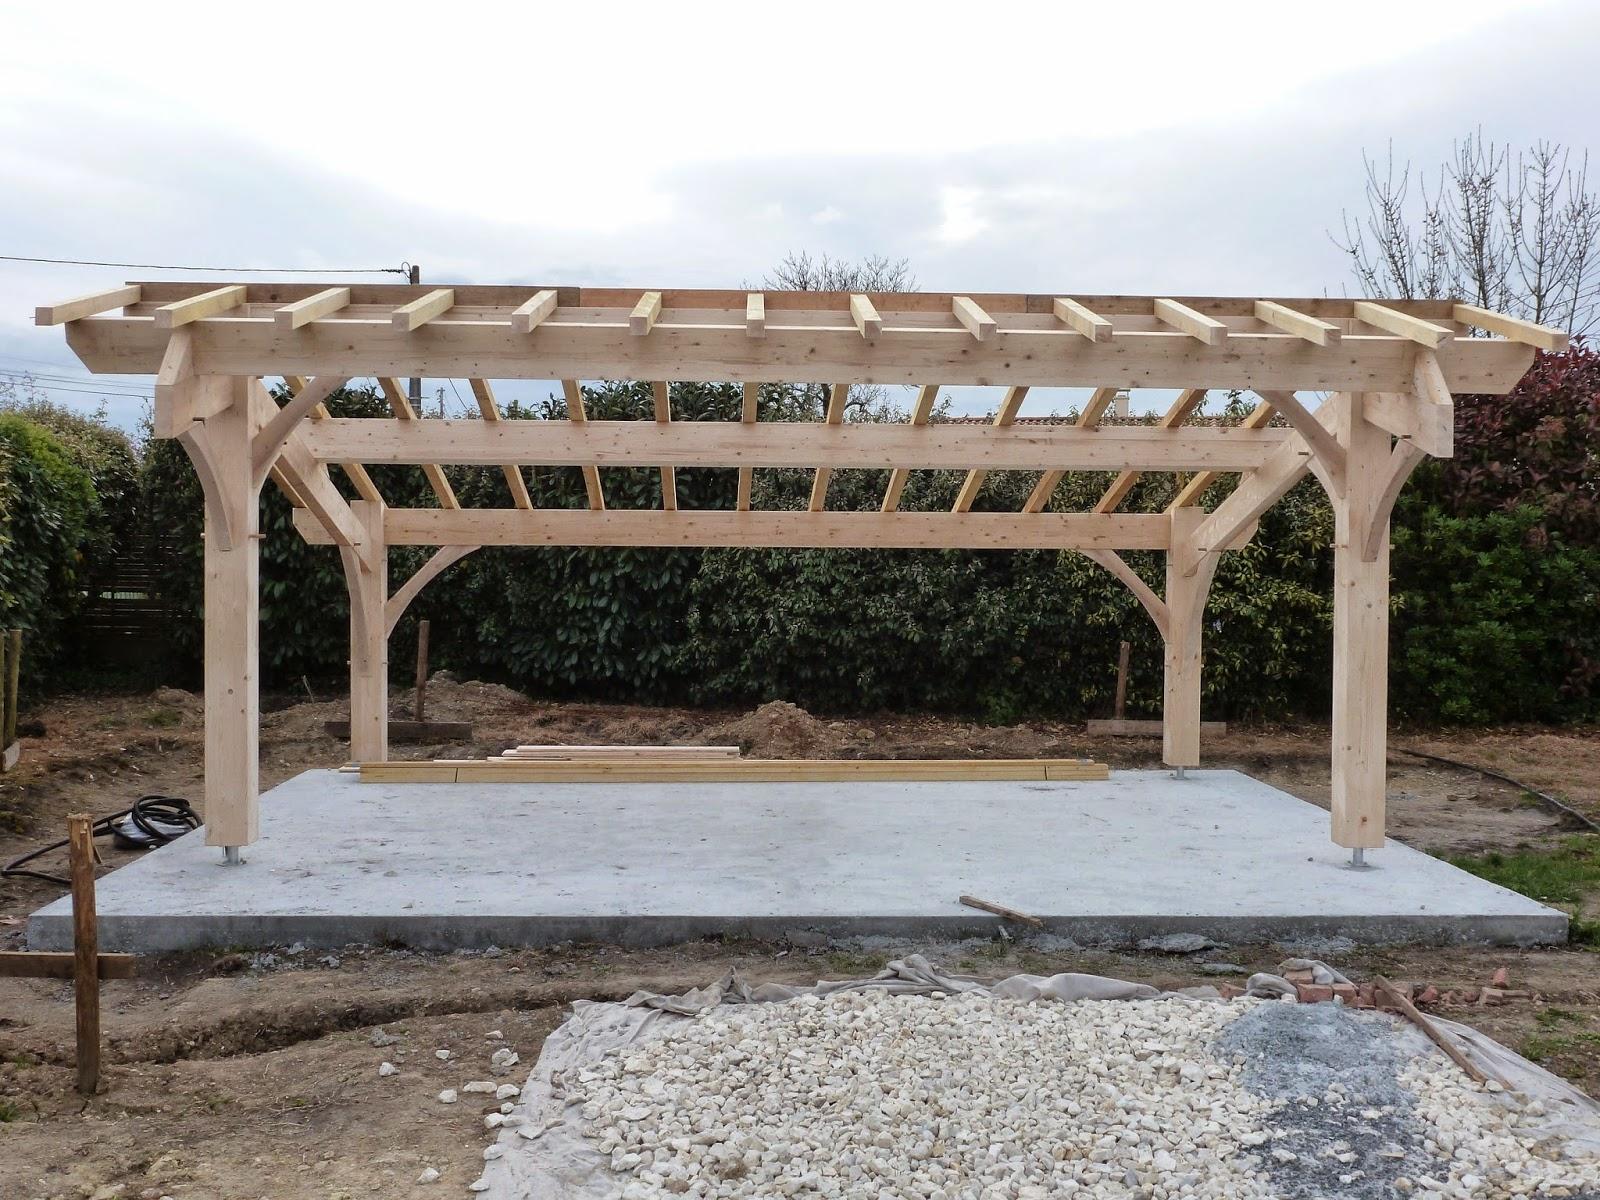 Abris de jardin bois Carport voitures bois Garage Bois Auvent voiture bois # Montage Carport Bois